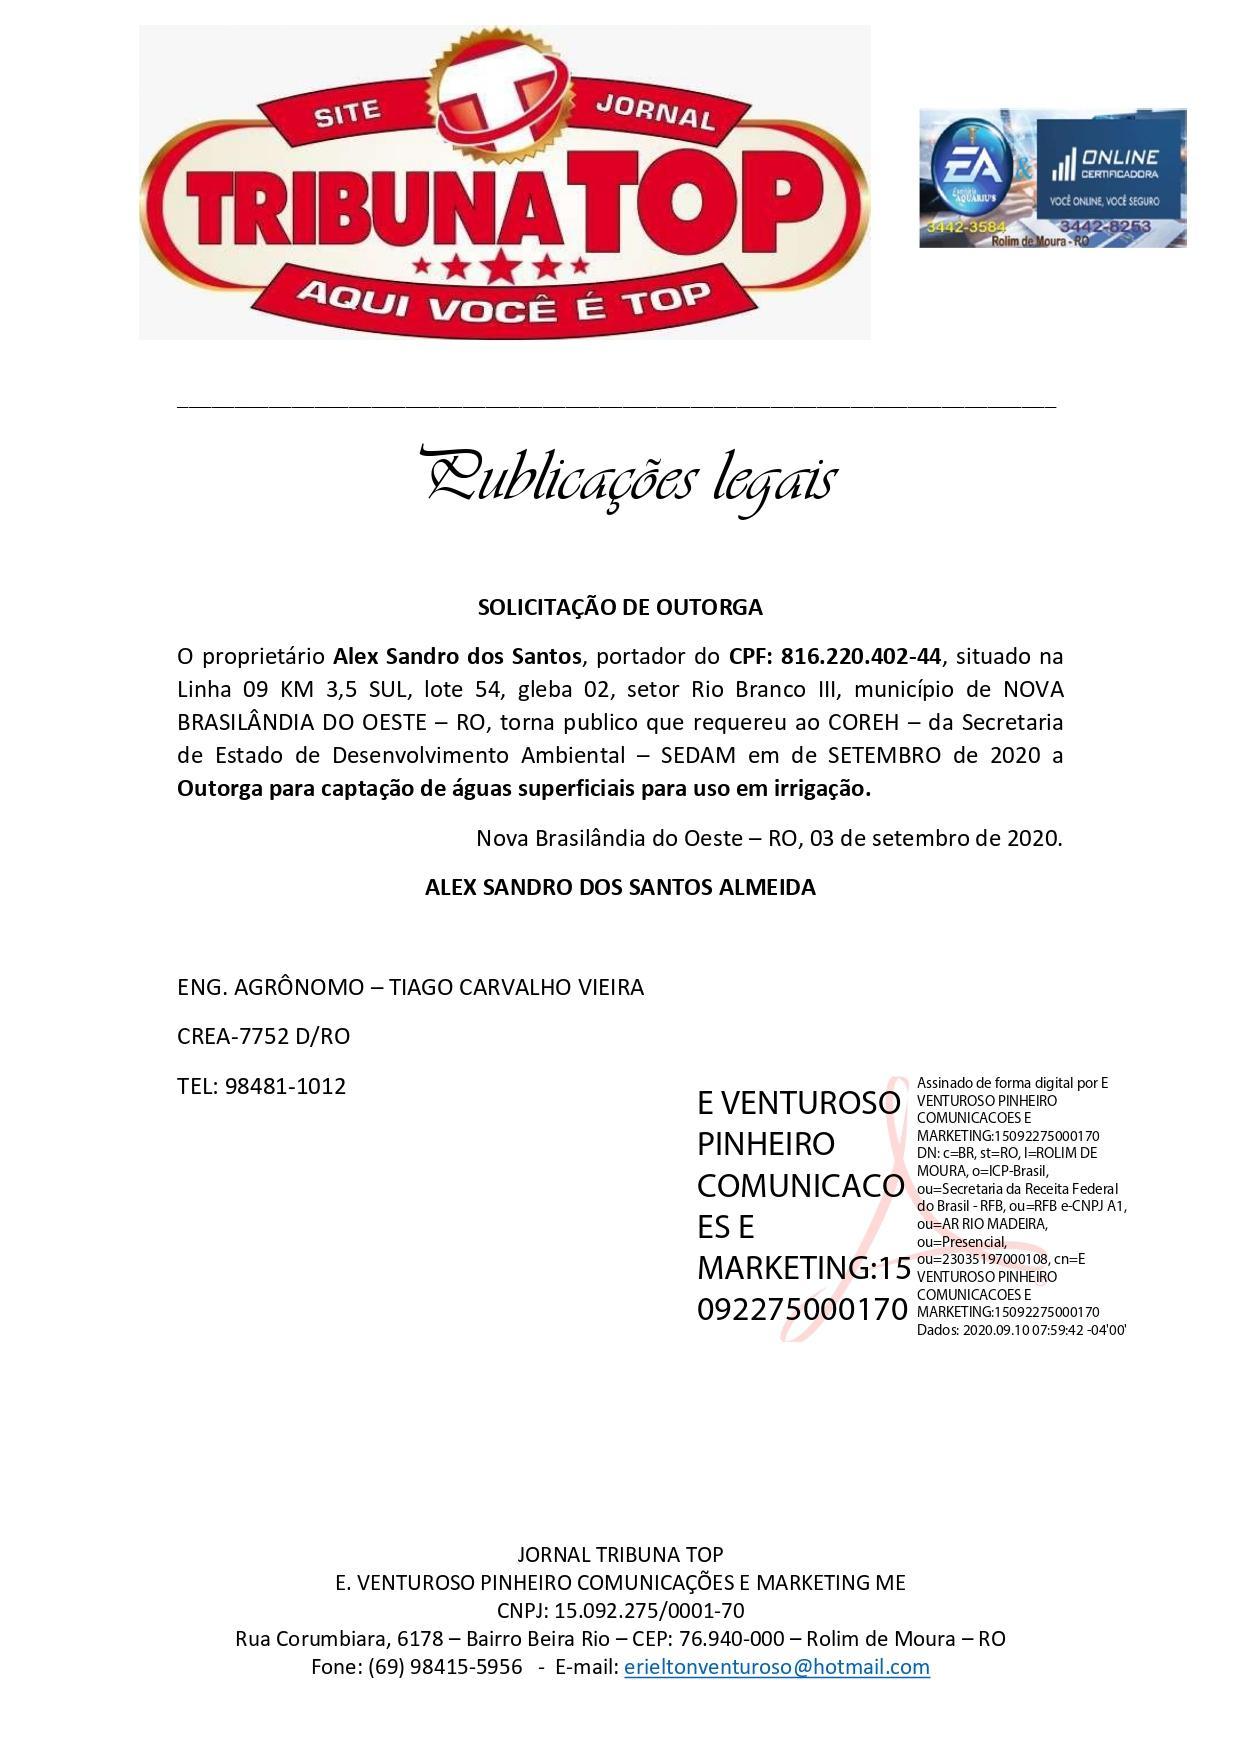 SOLICITAÇÃO DE OUTORGA - Alex Sandro dos Santos - TRIBUNA TOP